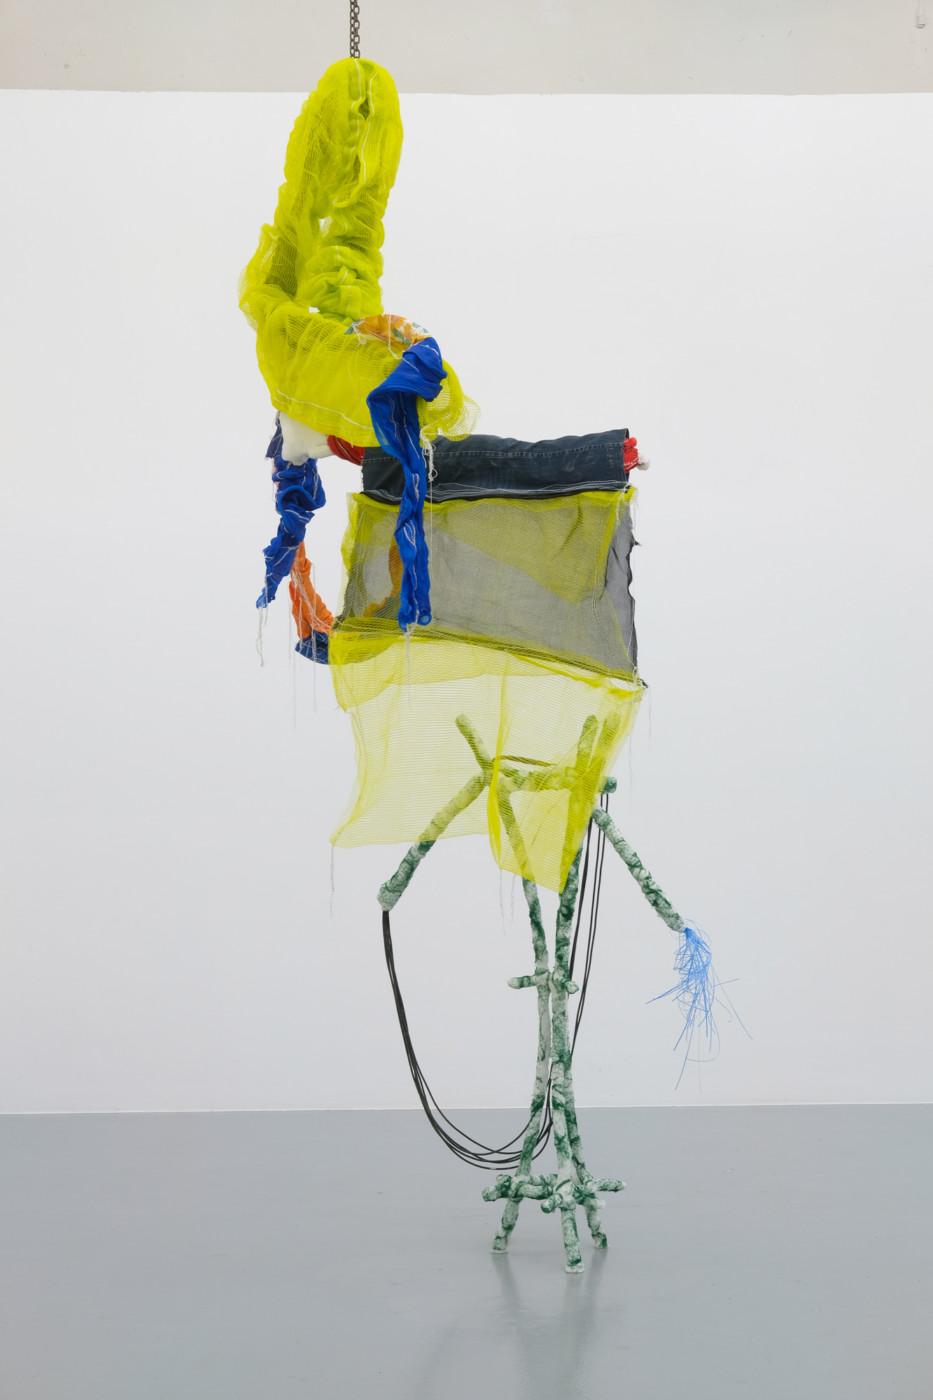 JULIEN CREUZET  Il pleut encore, des minis gouttelettes (...) , 2019 Metal, wood, plastic, electrical wiring, fabric, denim Approx. 300 x 90 x 50 cm / 118 x 35 x 20 in - High Art Gallery Paris